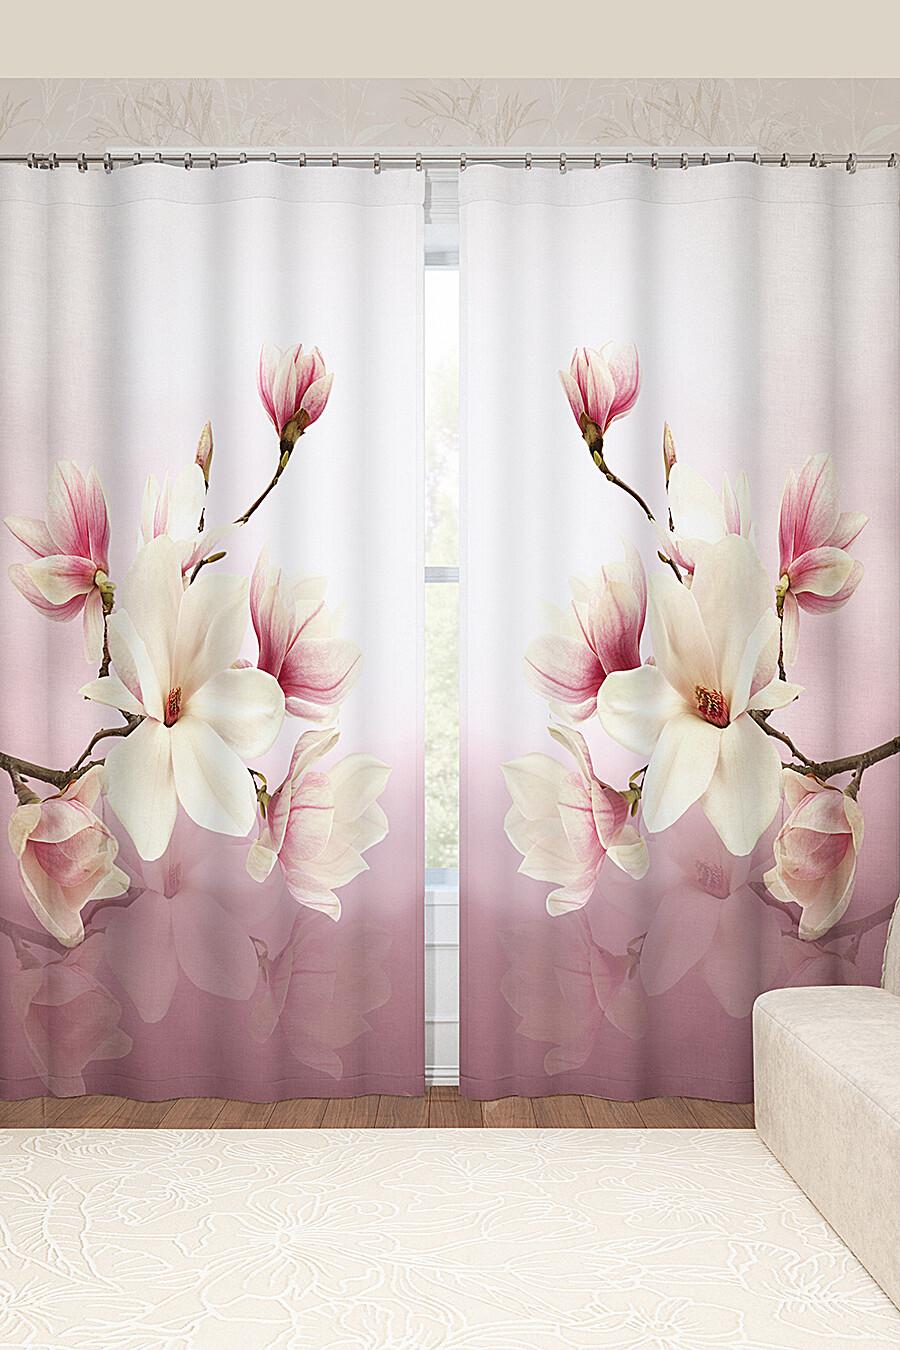 Фотошторы для дома ART HOME TEXTILE 123847 купить оптом от производителя. Совместная покупка товаров для дома в OptMoyo